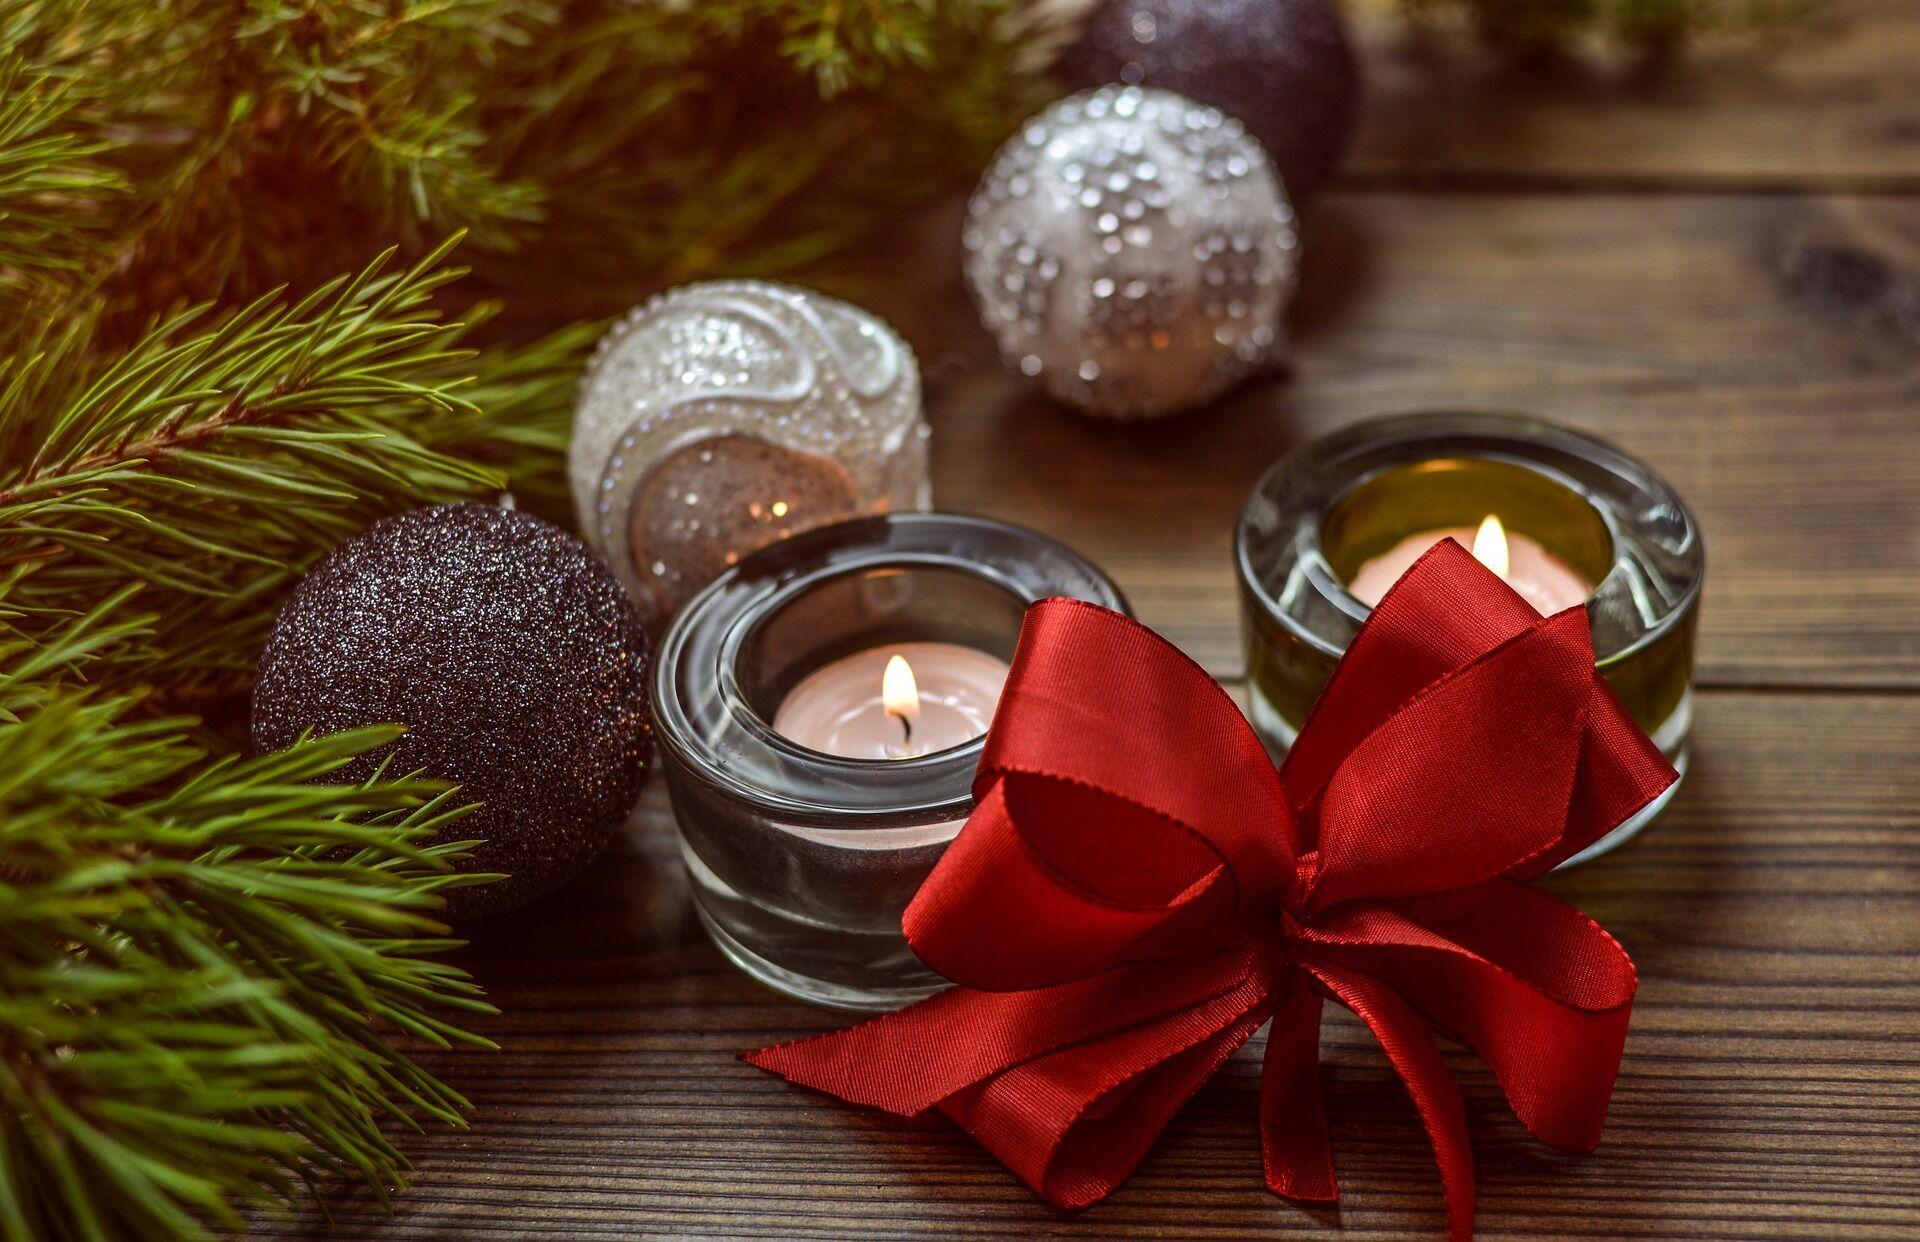 Старий Новий рік виник в Україні через плутанину в числах після переходу на новий календар